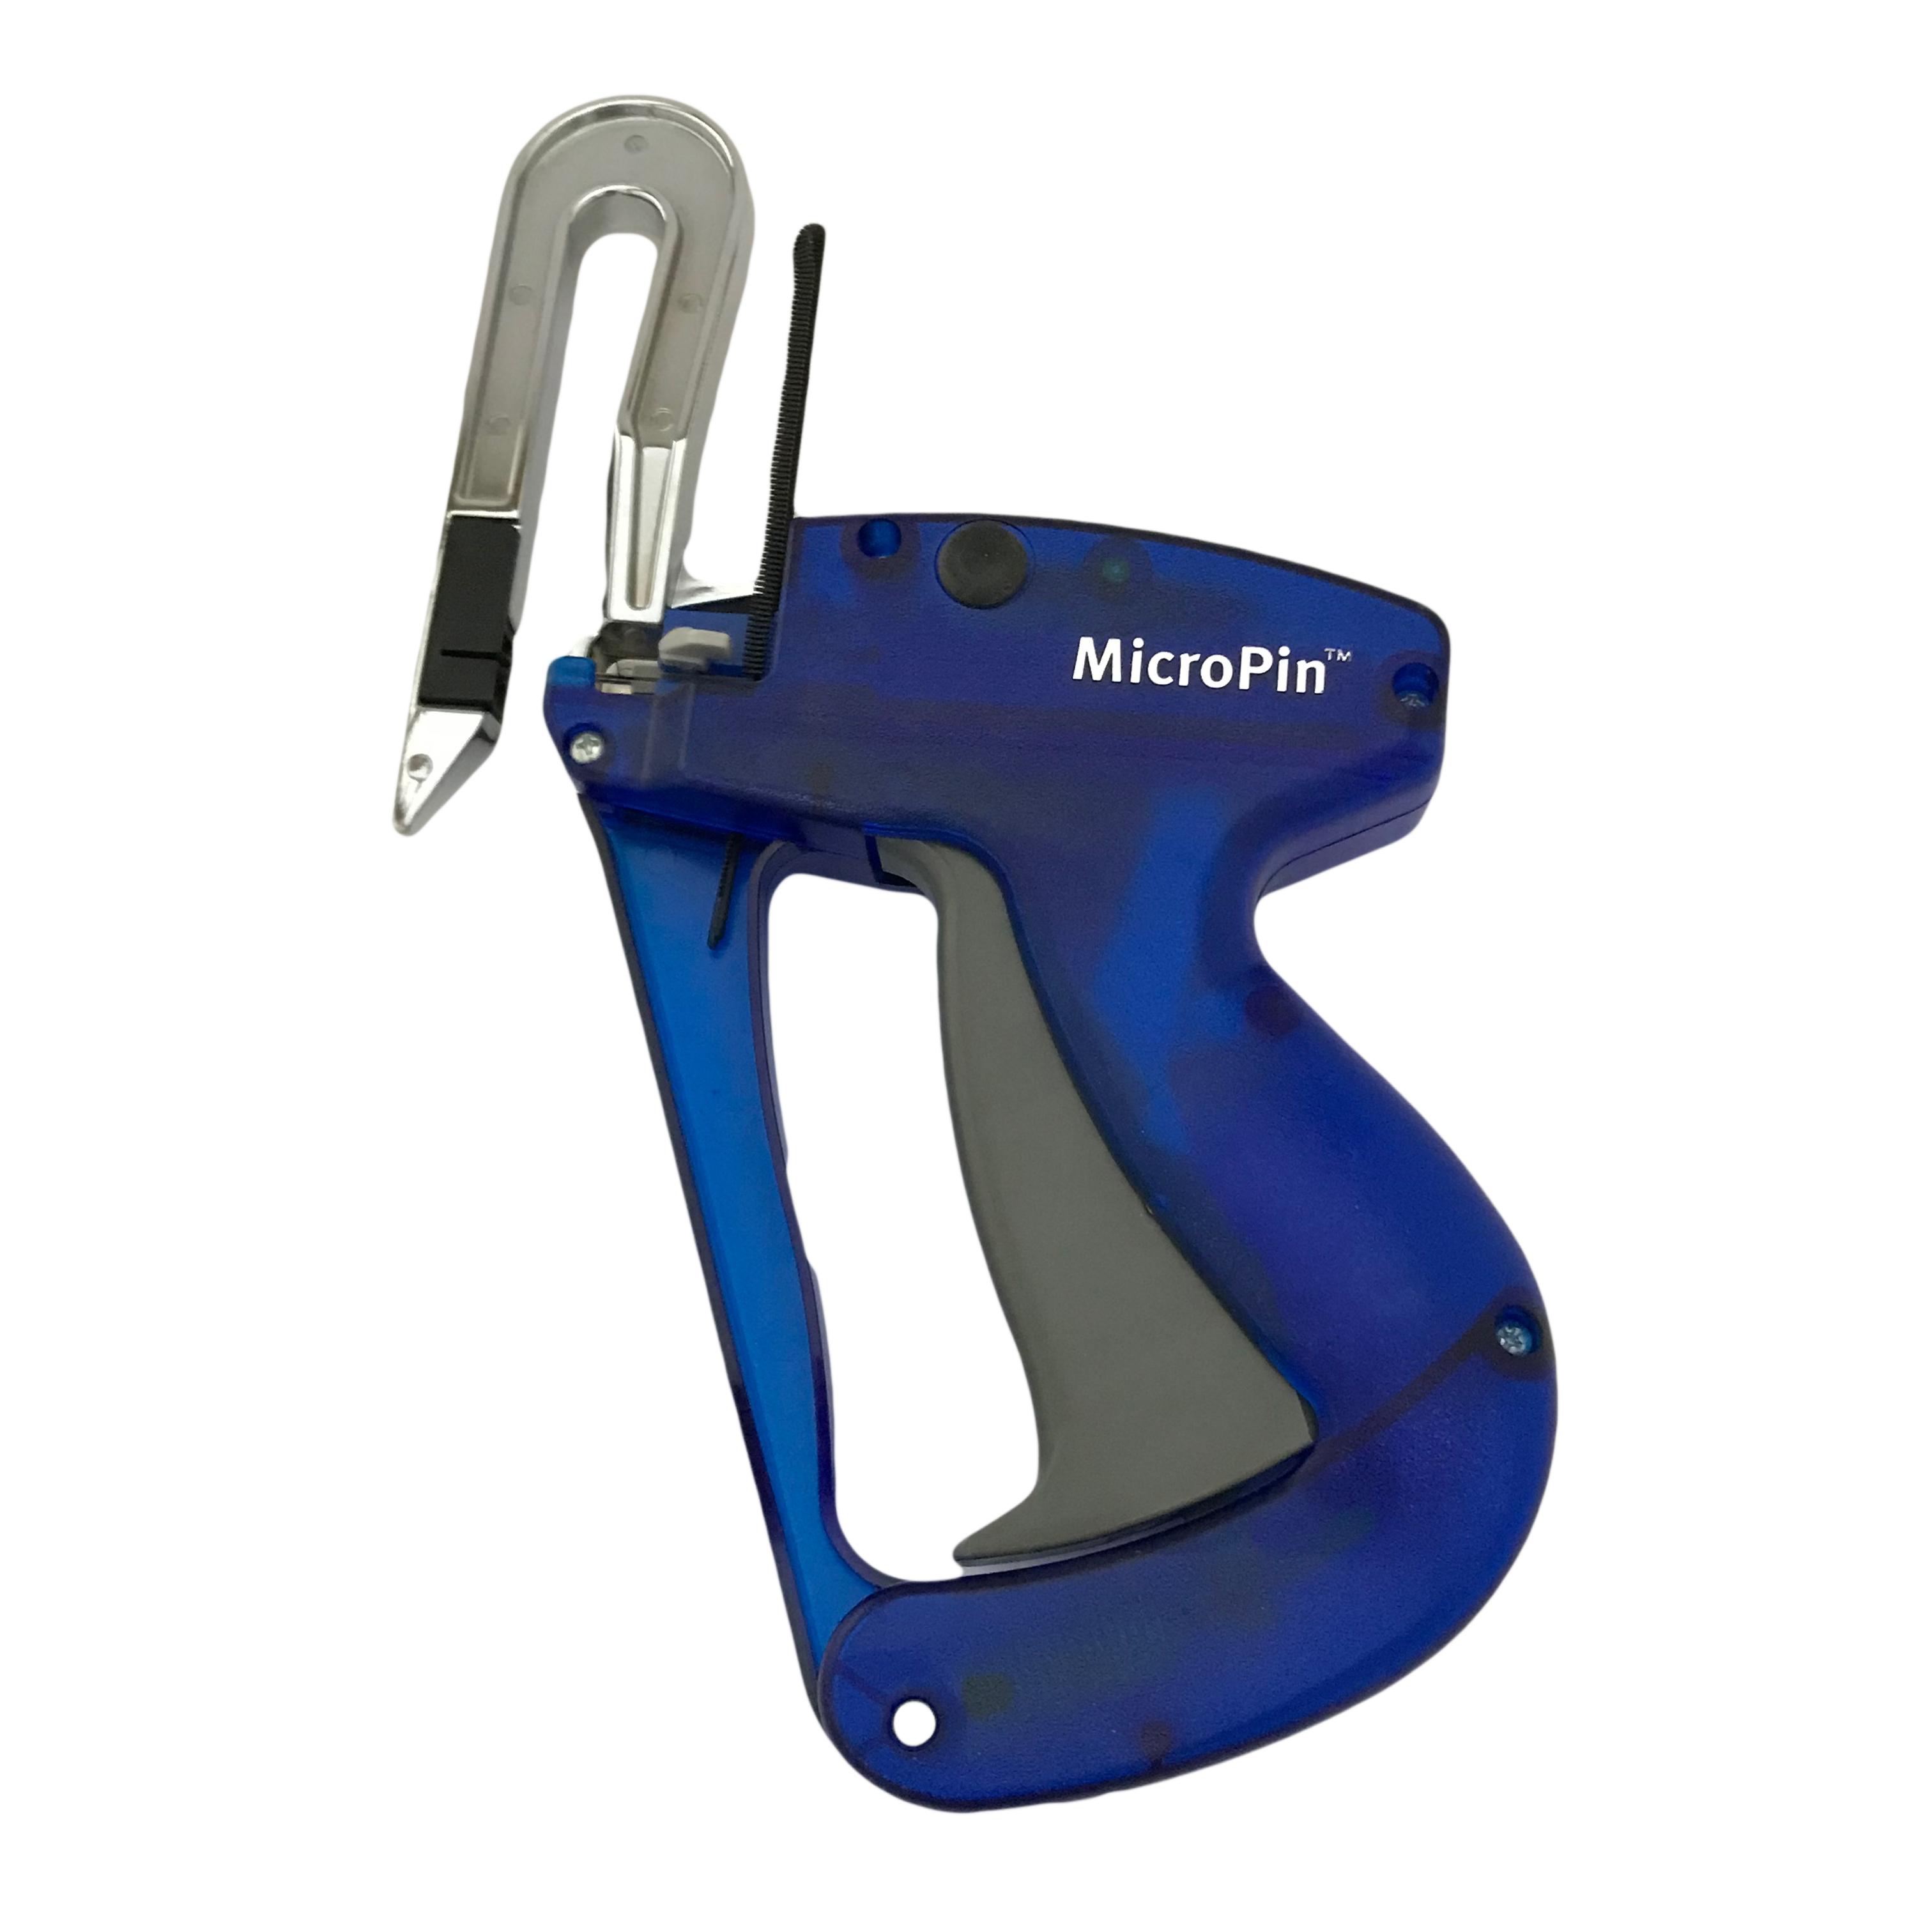 MicroPin 11045